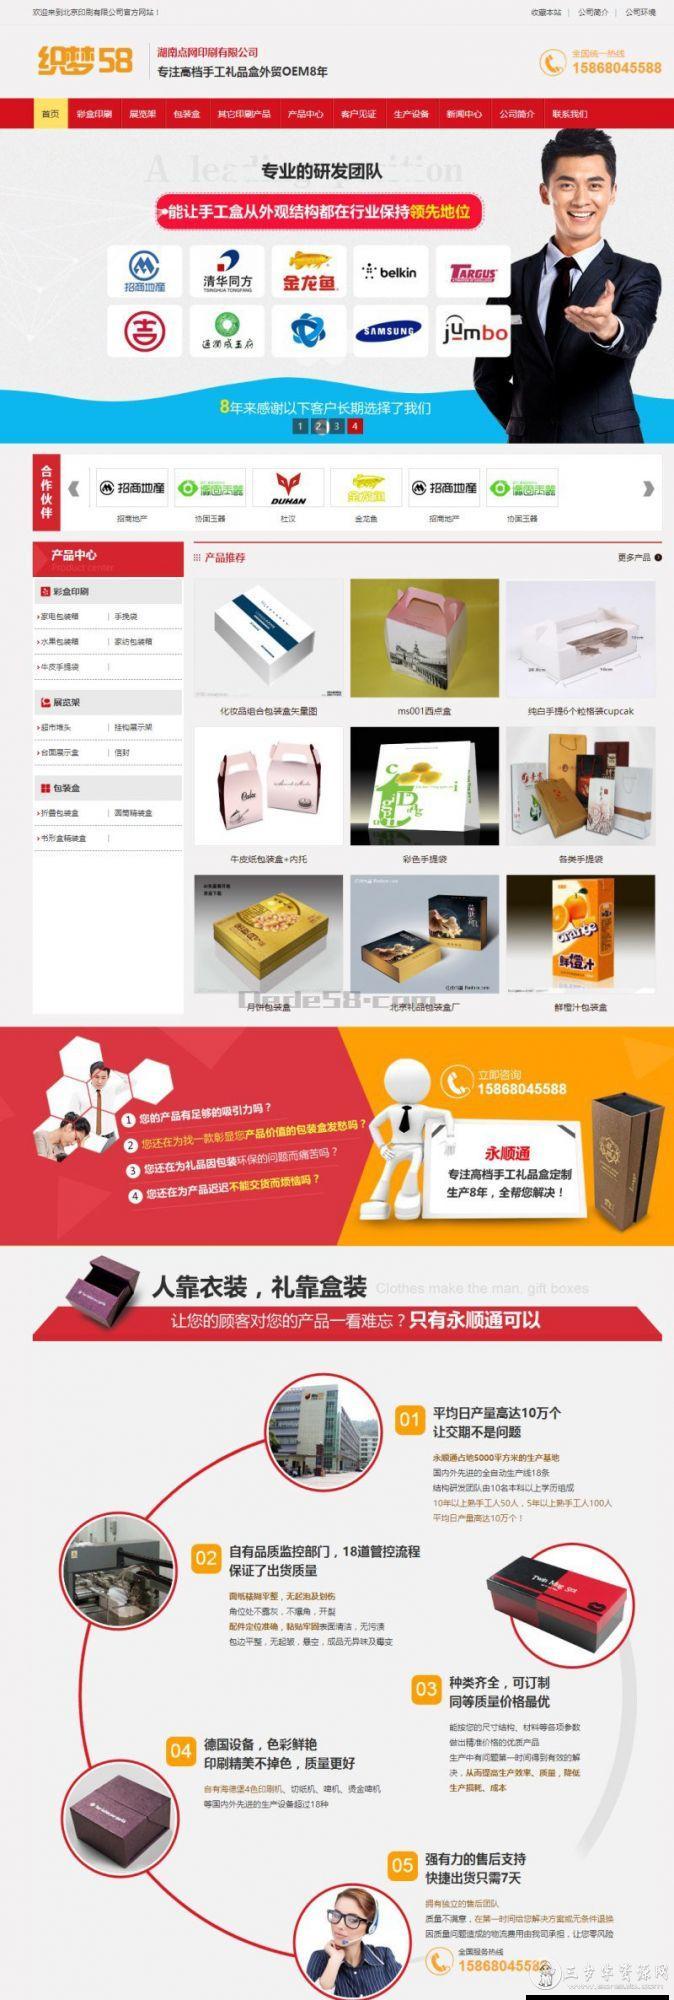 织梦CMS模板_织梦营销型印刷品包装企业网站织梦模板(带手机端)